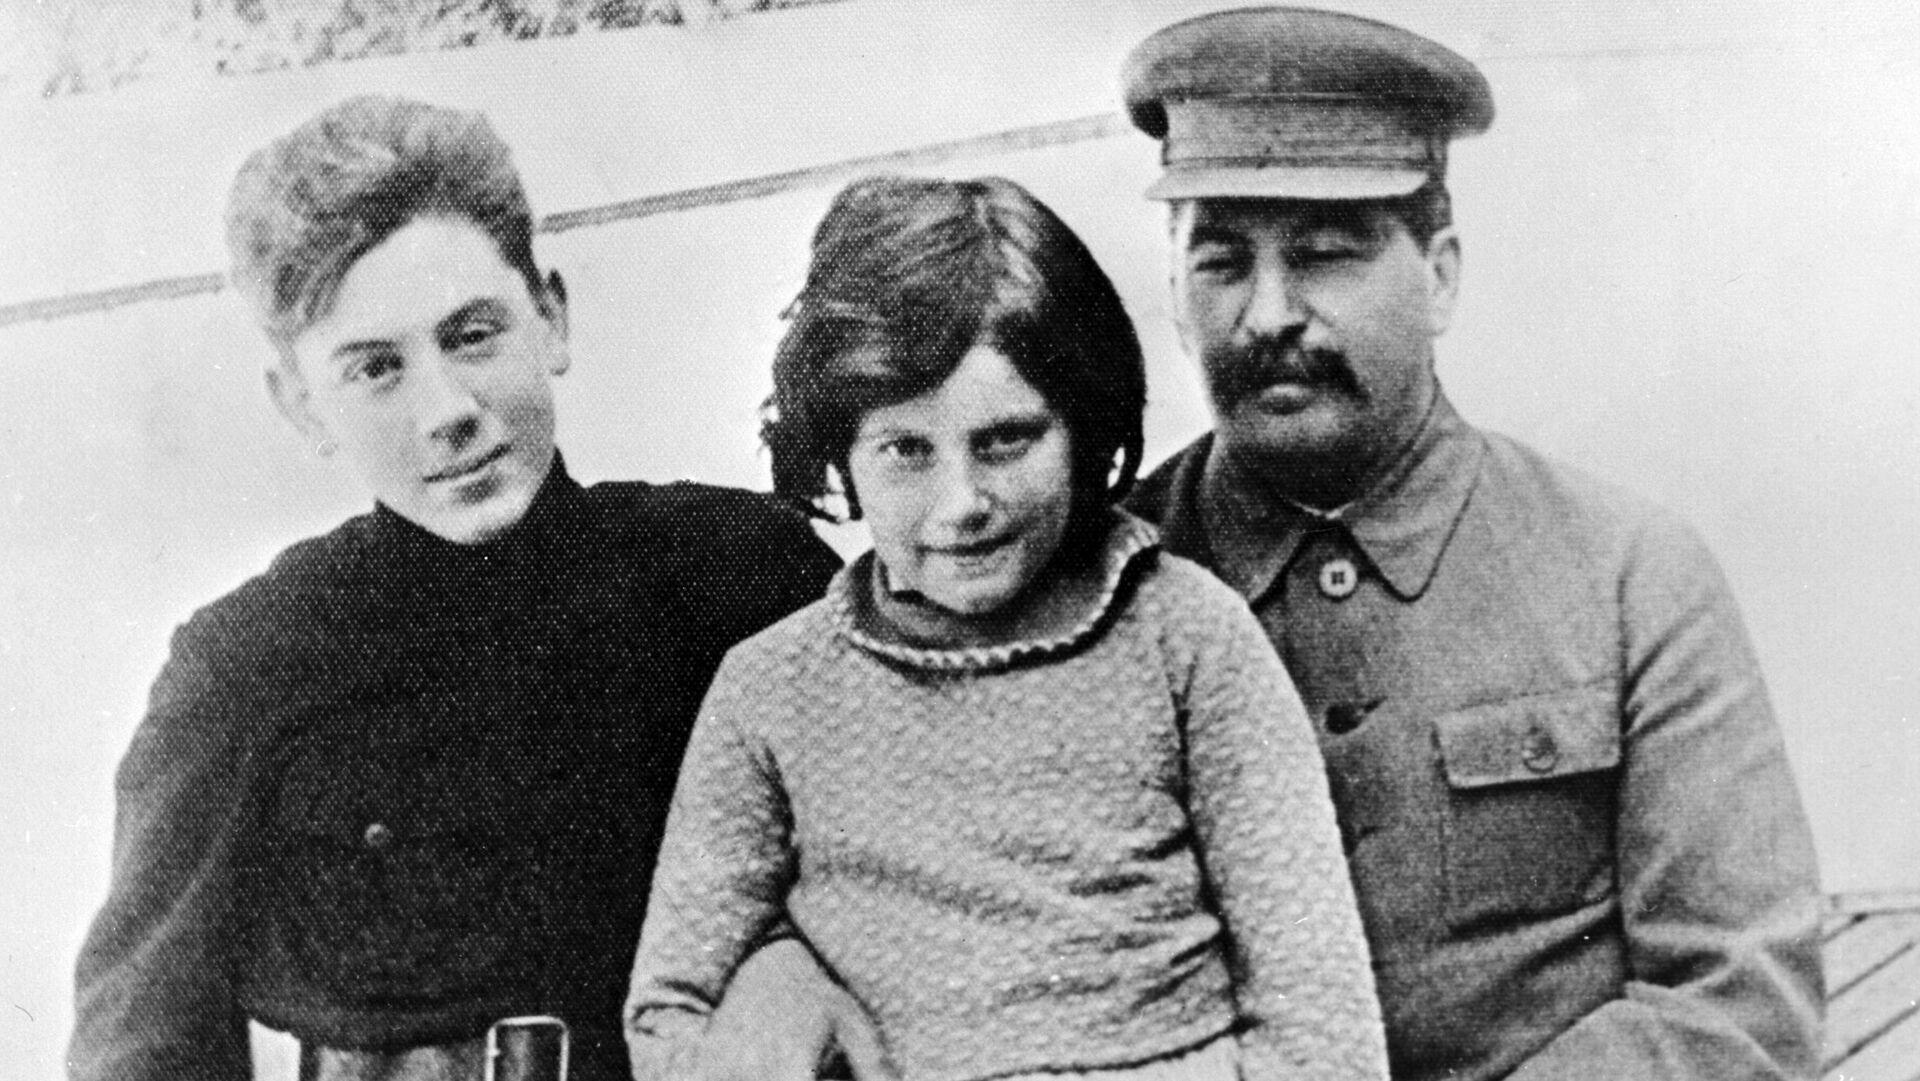 Сталин с детьми - РИА Новости, 1920, 02.09.2020